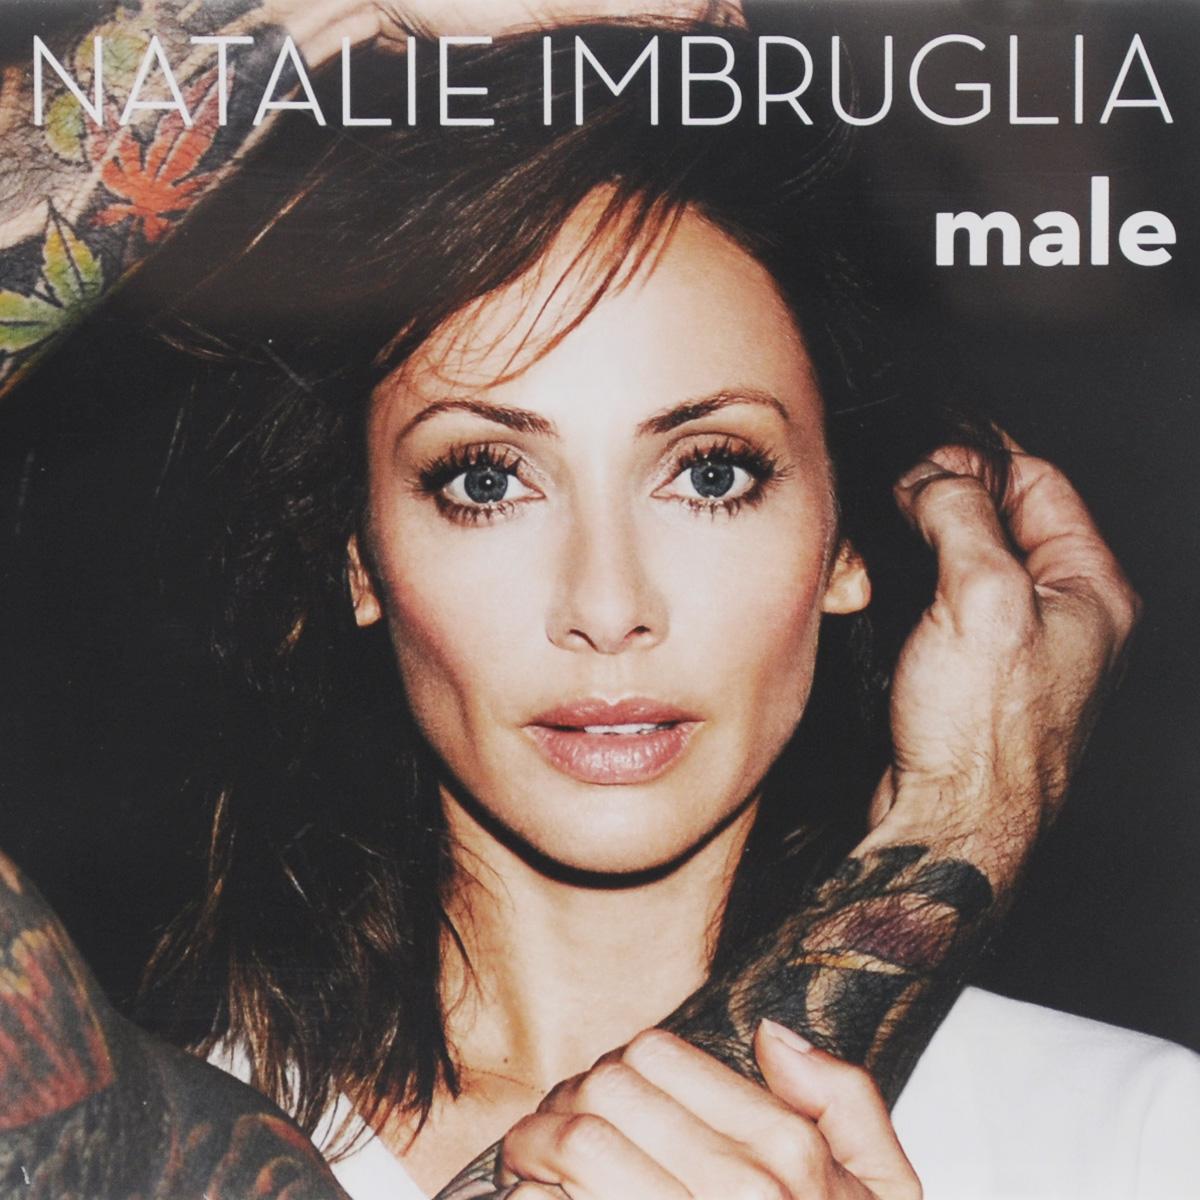 Натали Имбрулья Natalie Imbruglia. Male